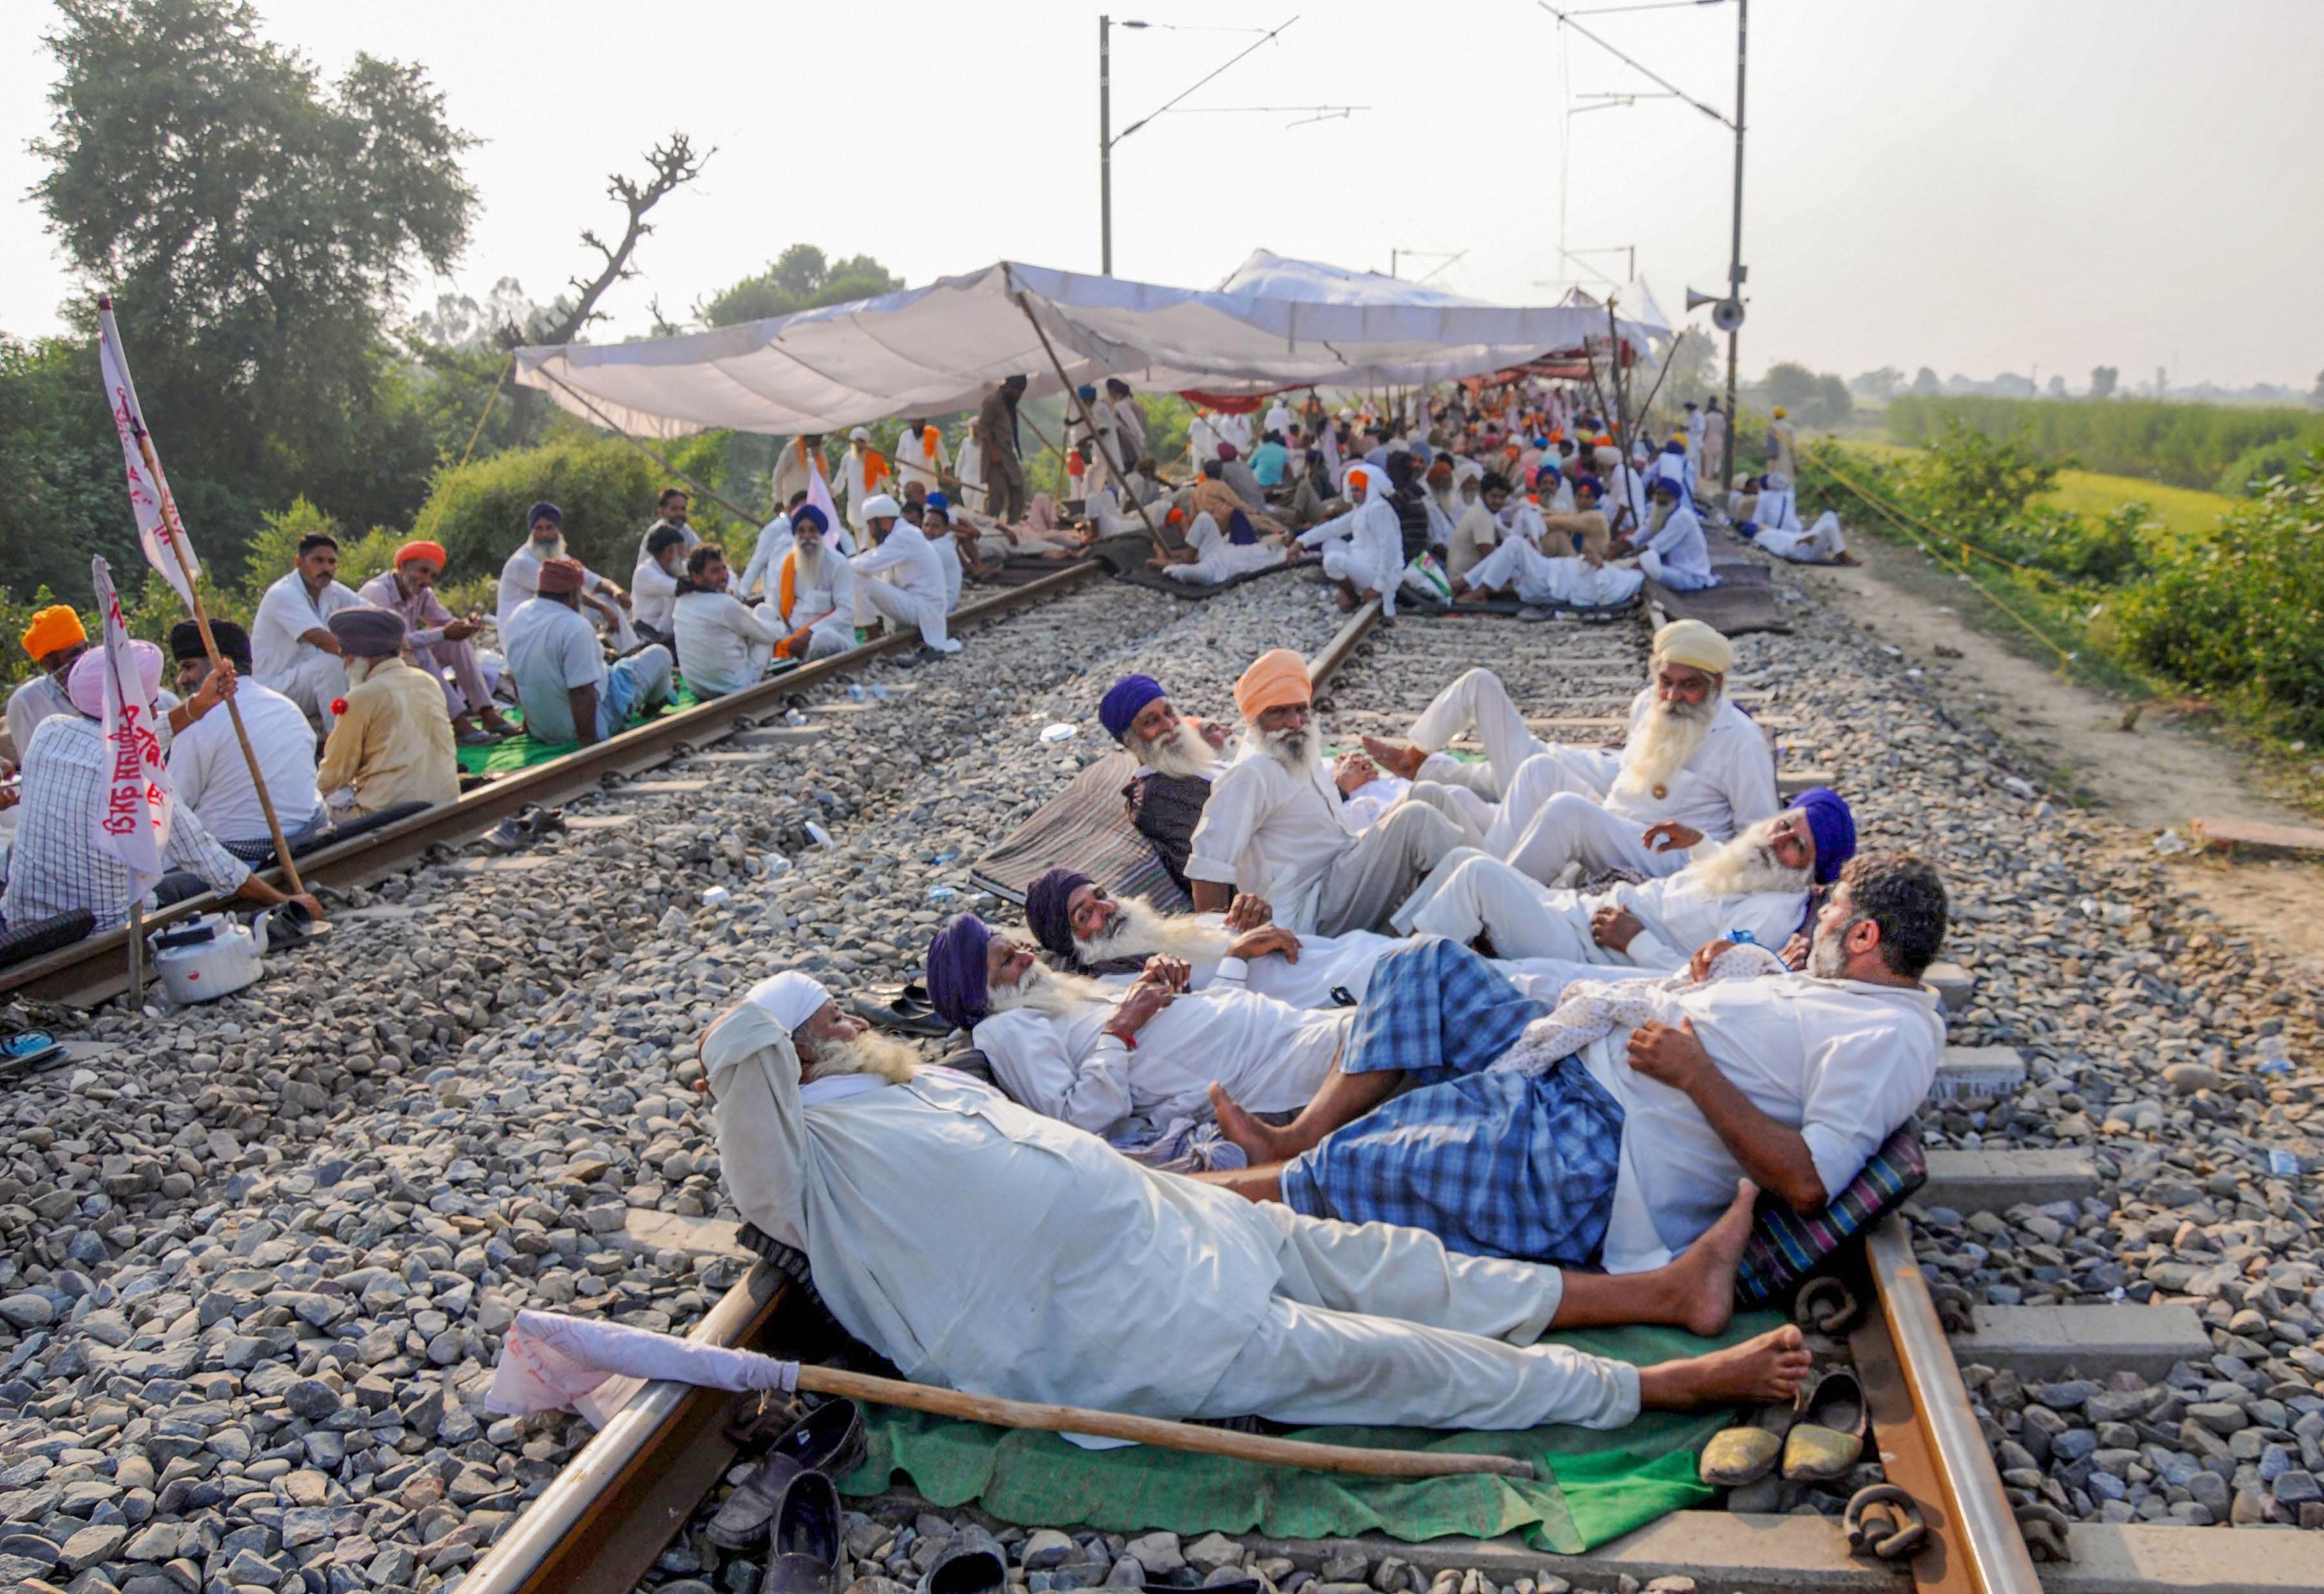 कृषि विधेयकों के खिलाफ हुए भारत बंद के दौरान अमृतसर के पास रेलवे ट्रैक पर प्रदर्शन करते किसान. (फोटो: पीटीआई)